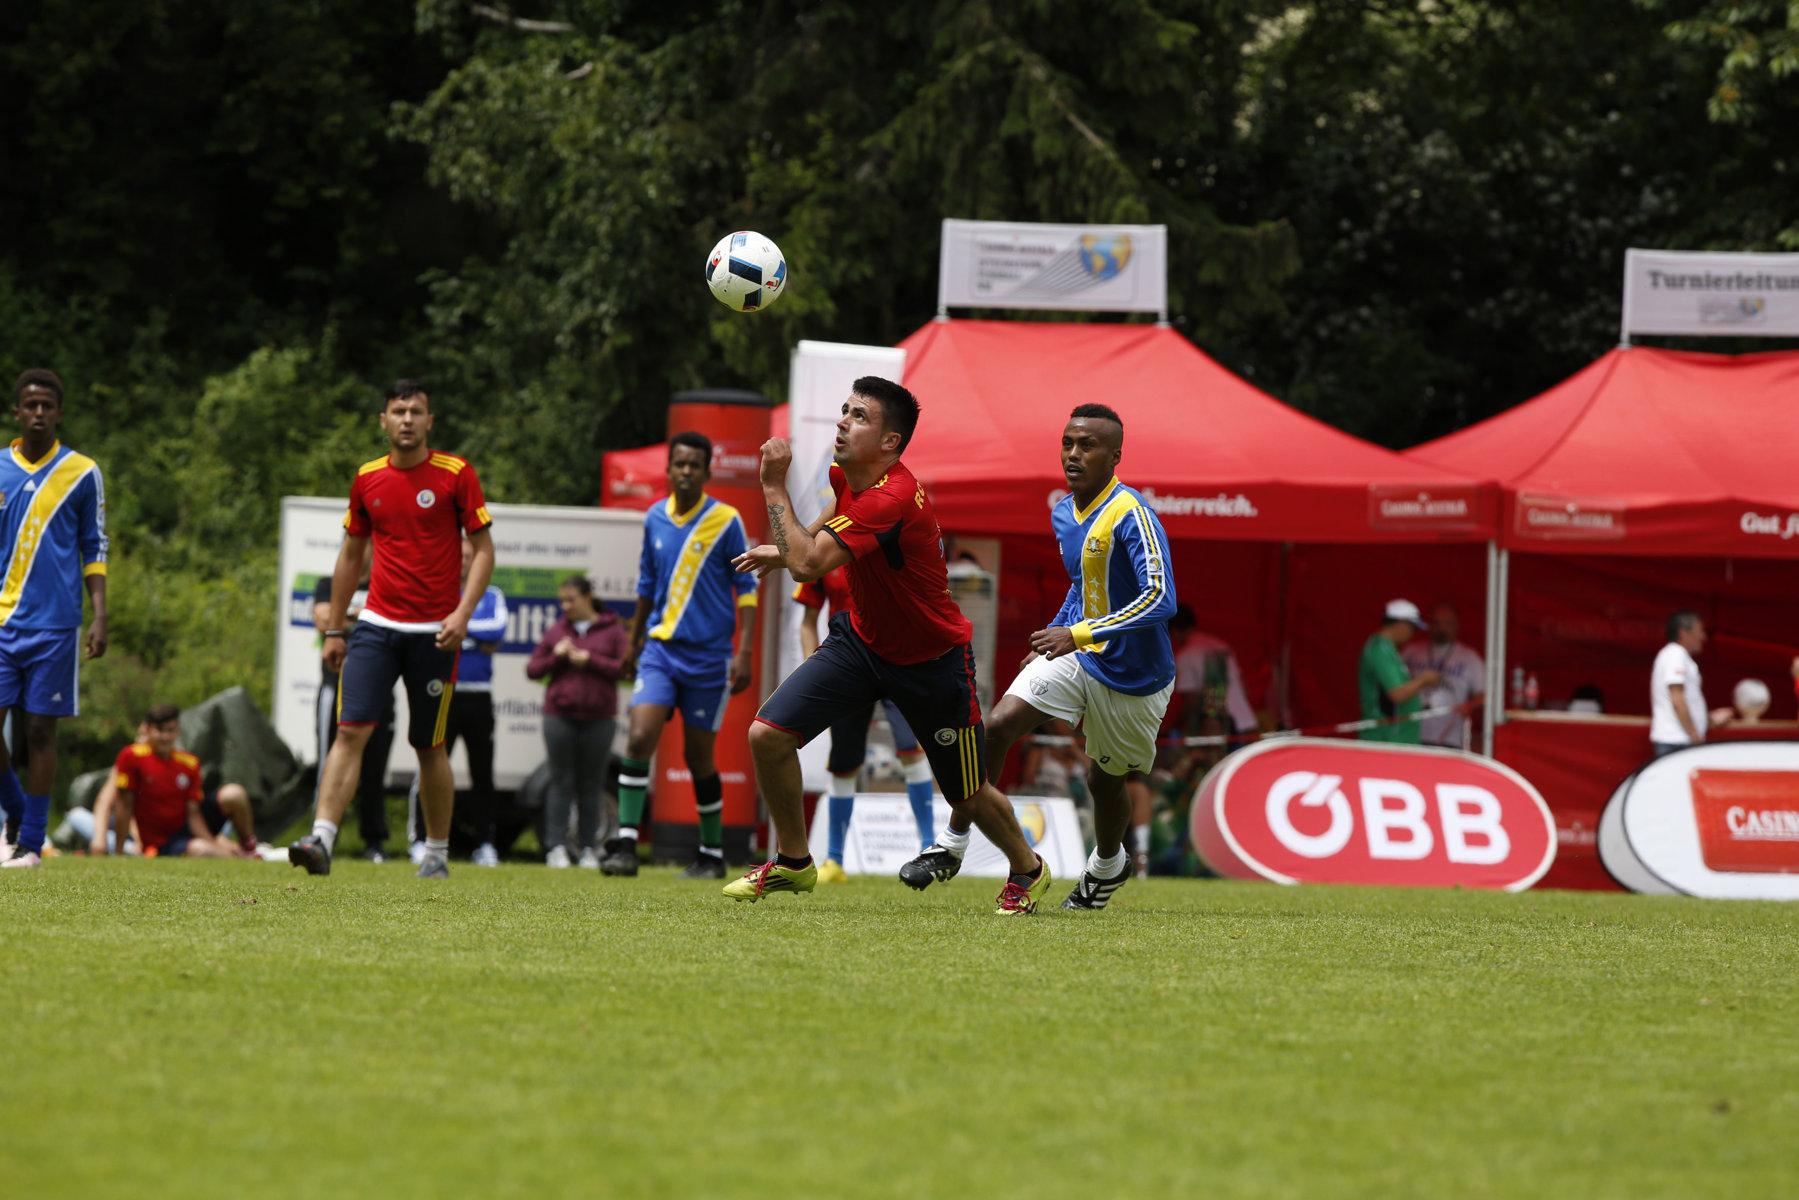 FB Linz 2016 (42)